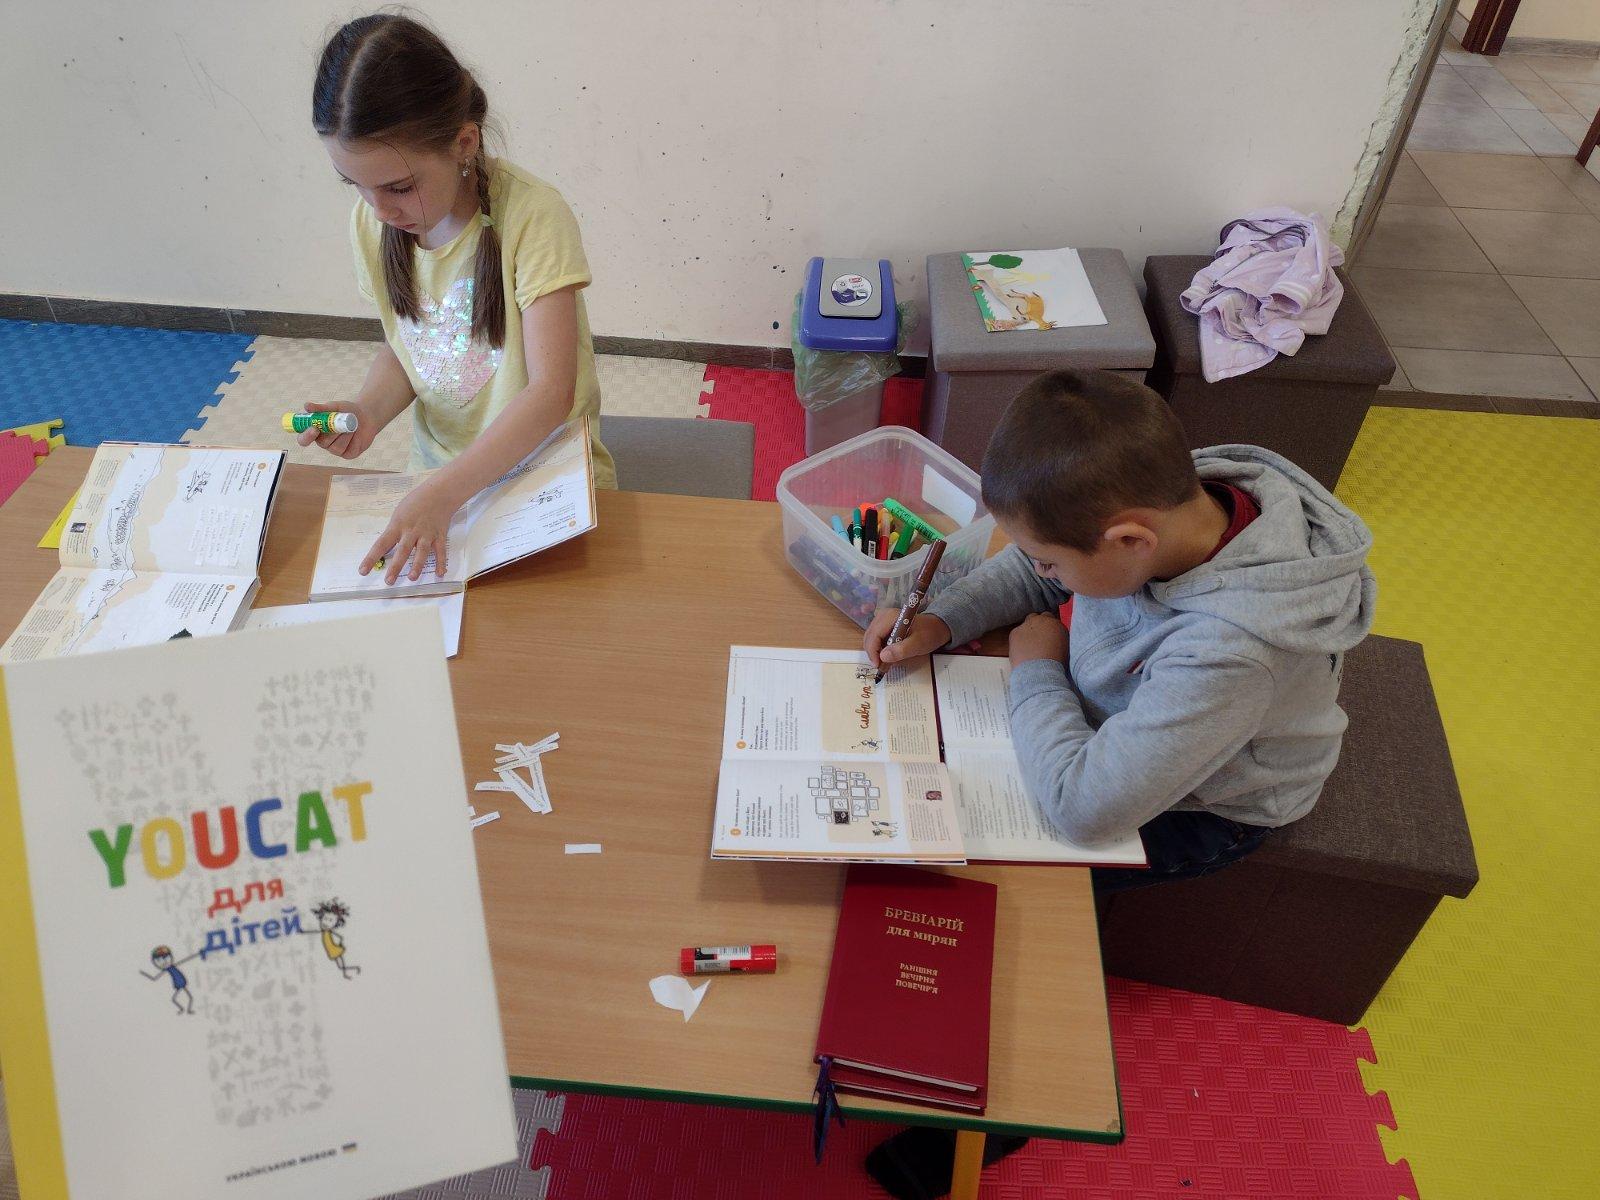 Катехези для дітей на основі YOUCAT